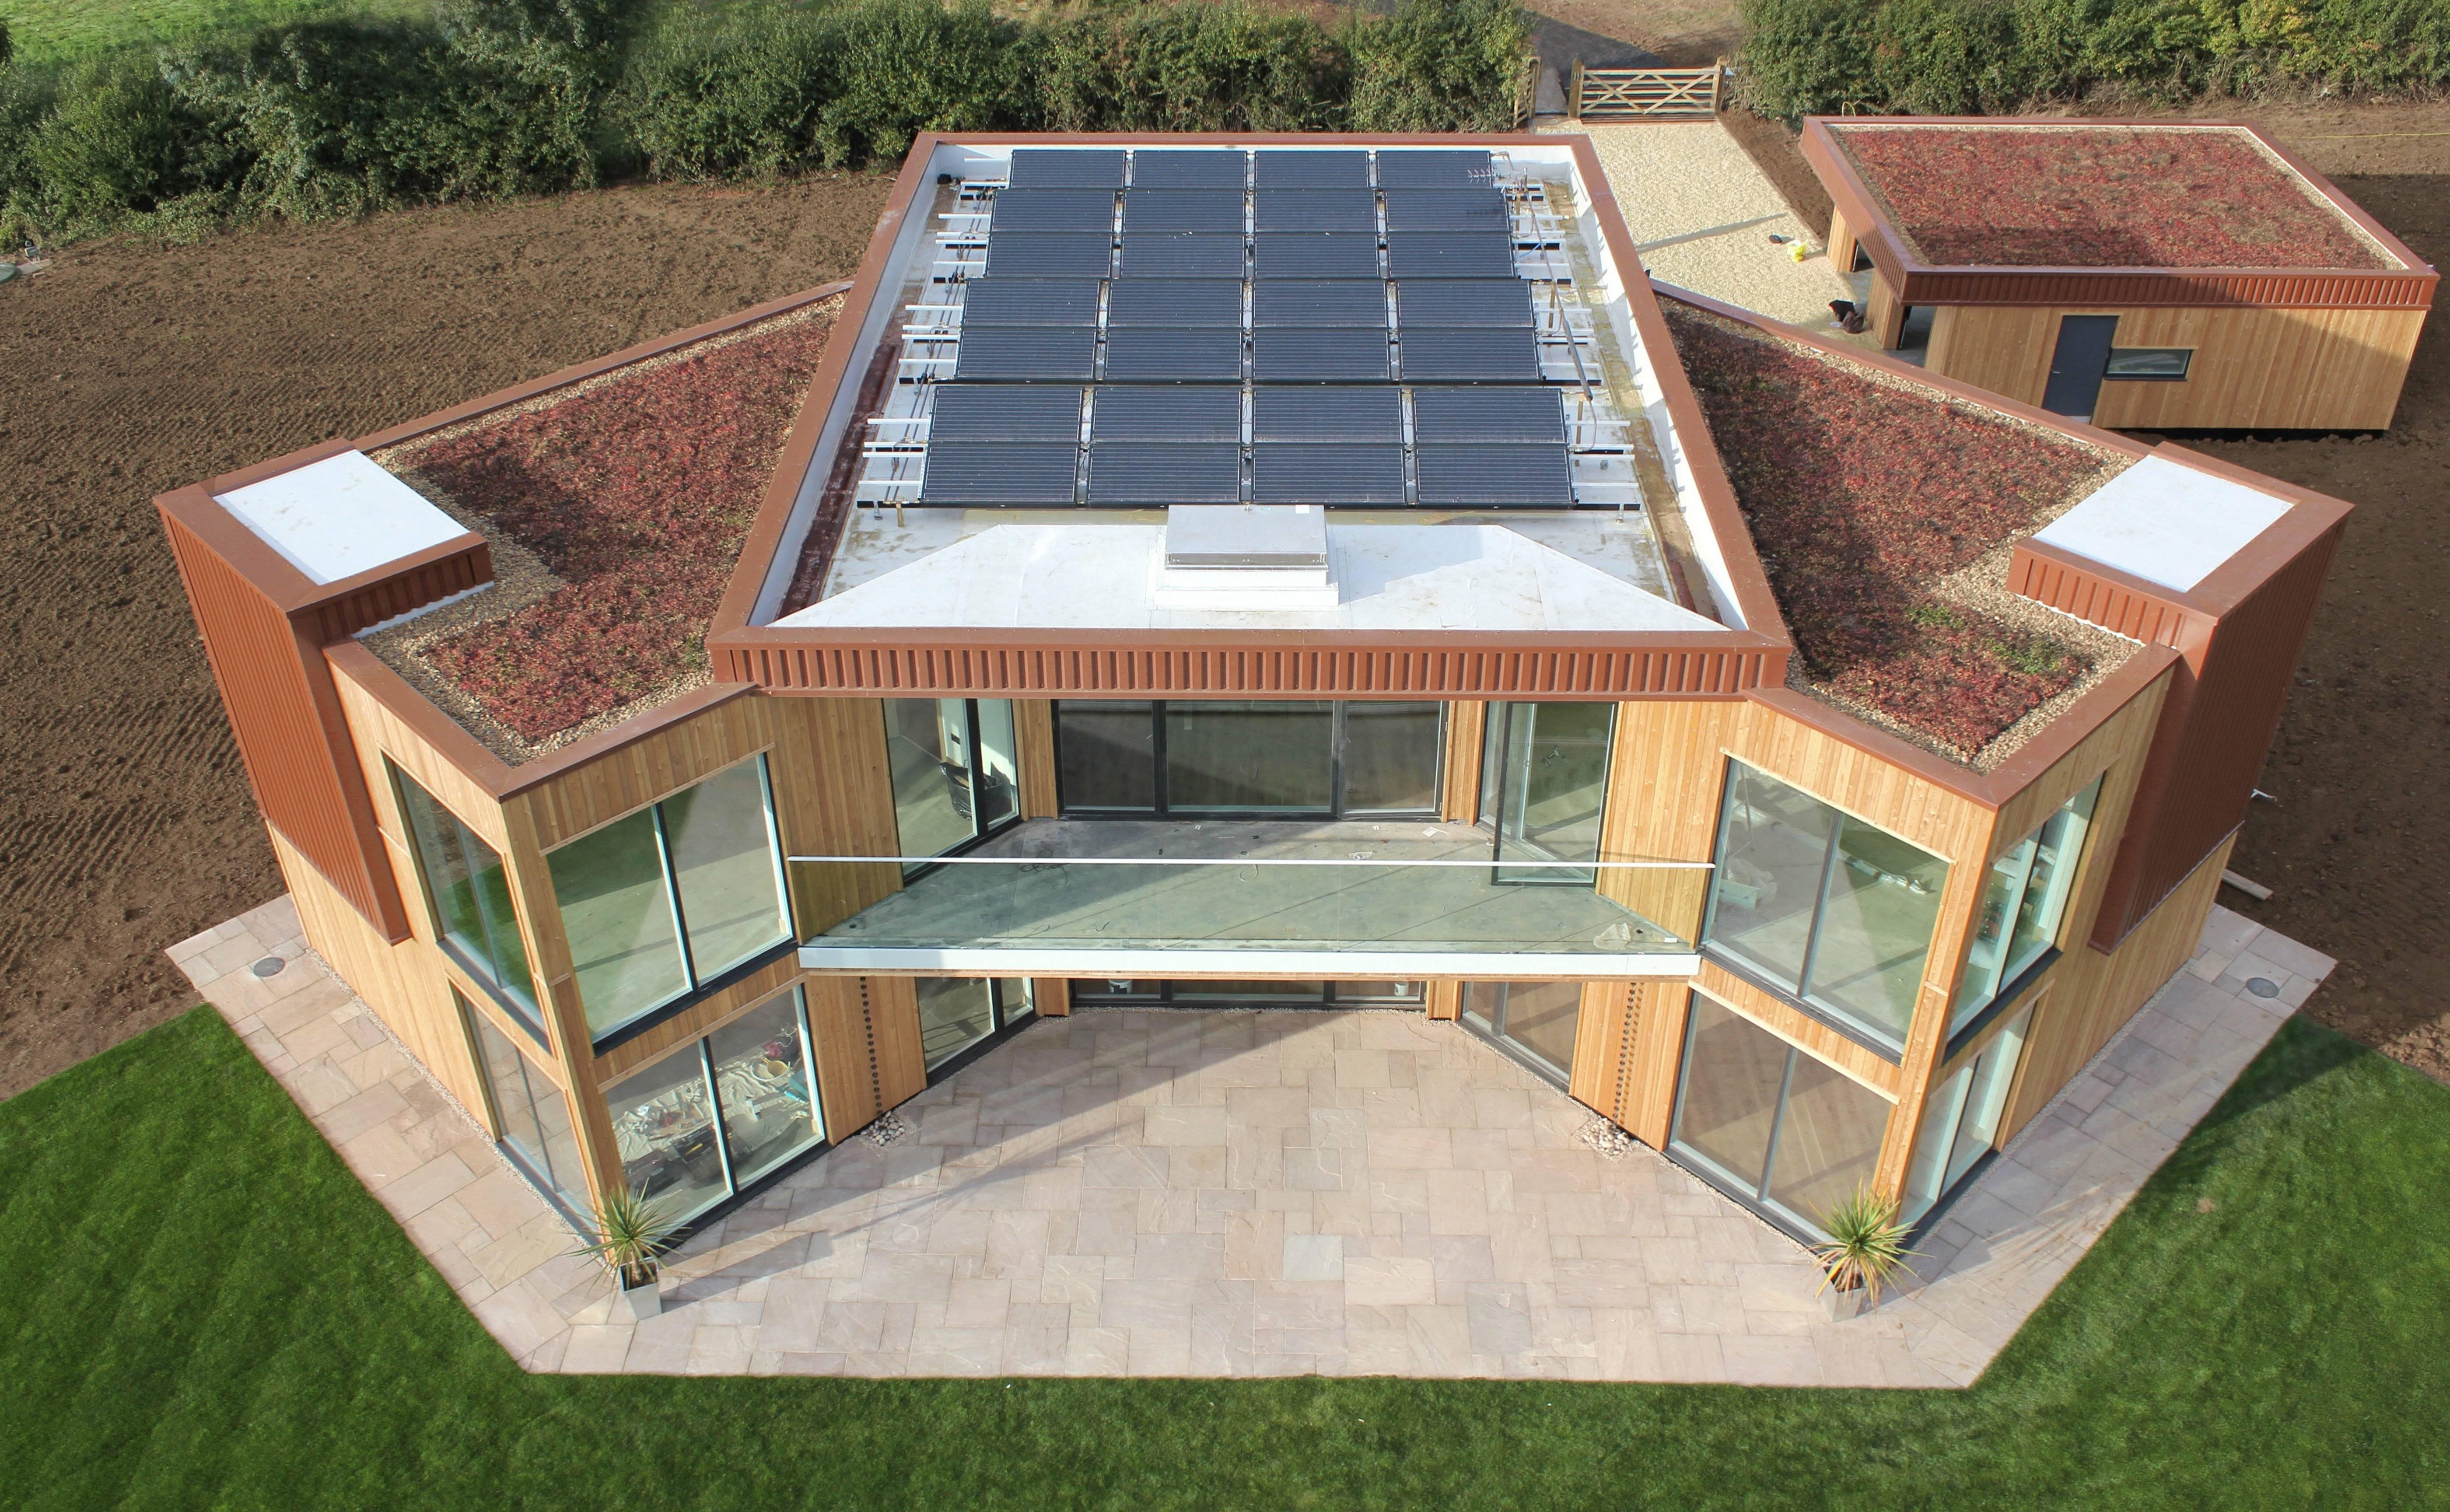 ????применение новых технологий при строительстве частных домов - блог о строительстве